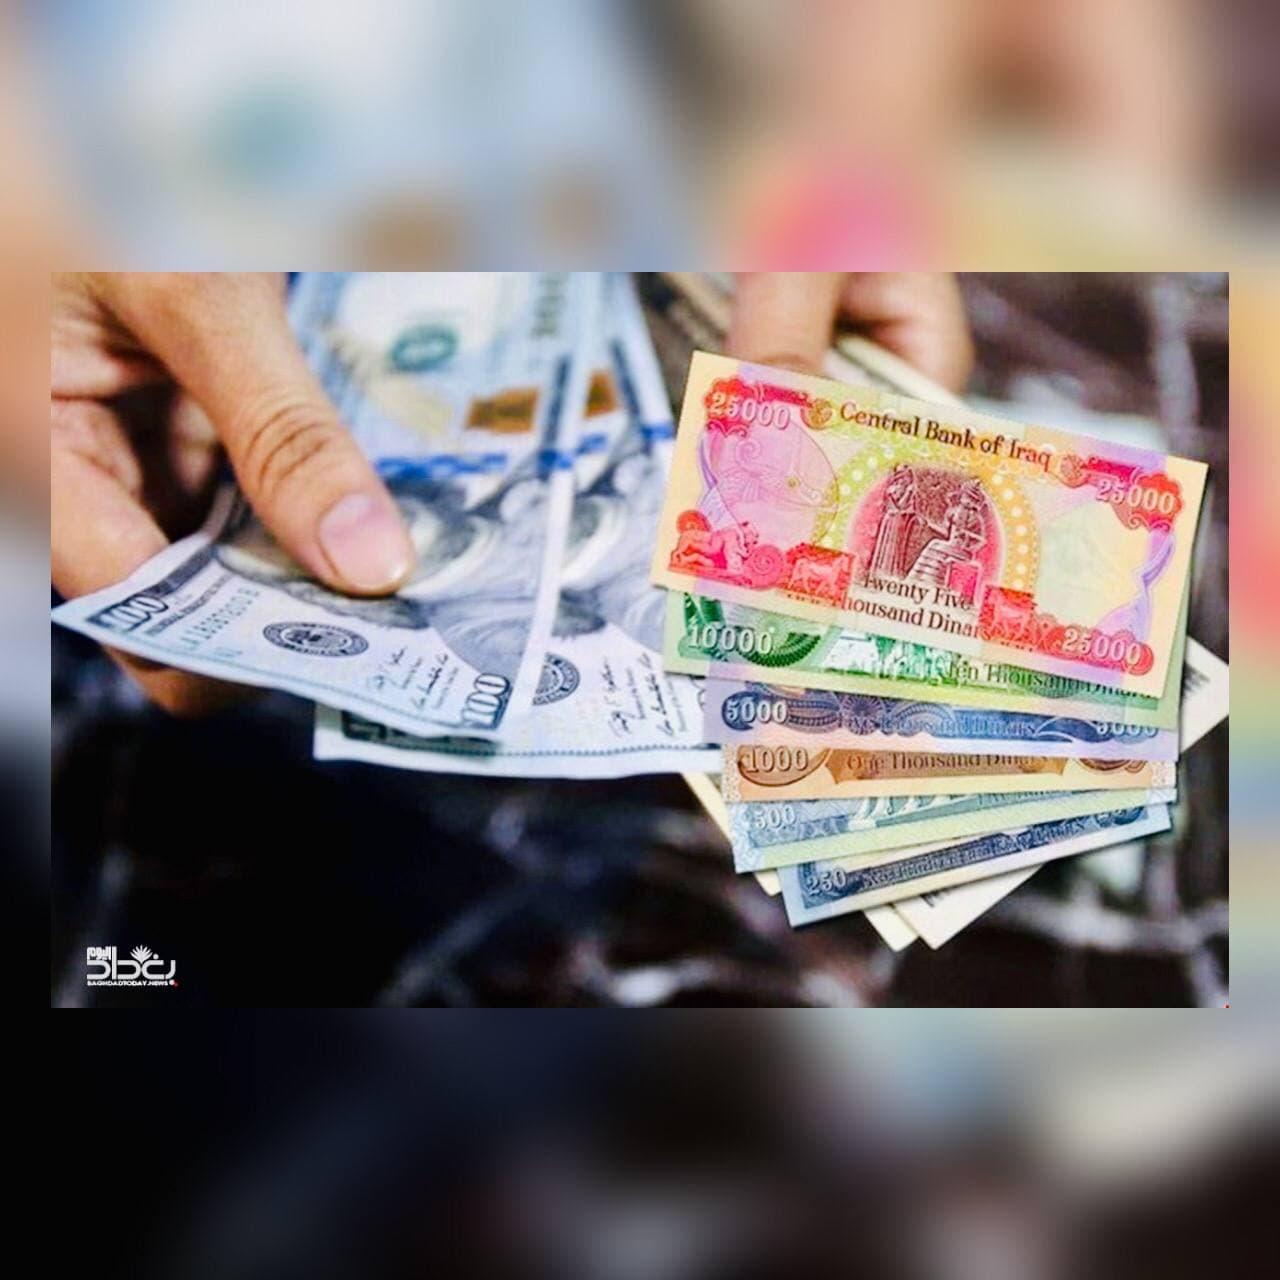 الاثار الاقتصادية المحتملة لتغيير سعر صرف الدينار العراقي _مقارنة المنافع بالتكاليف